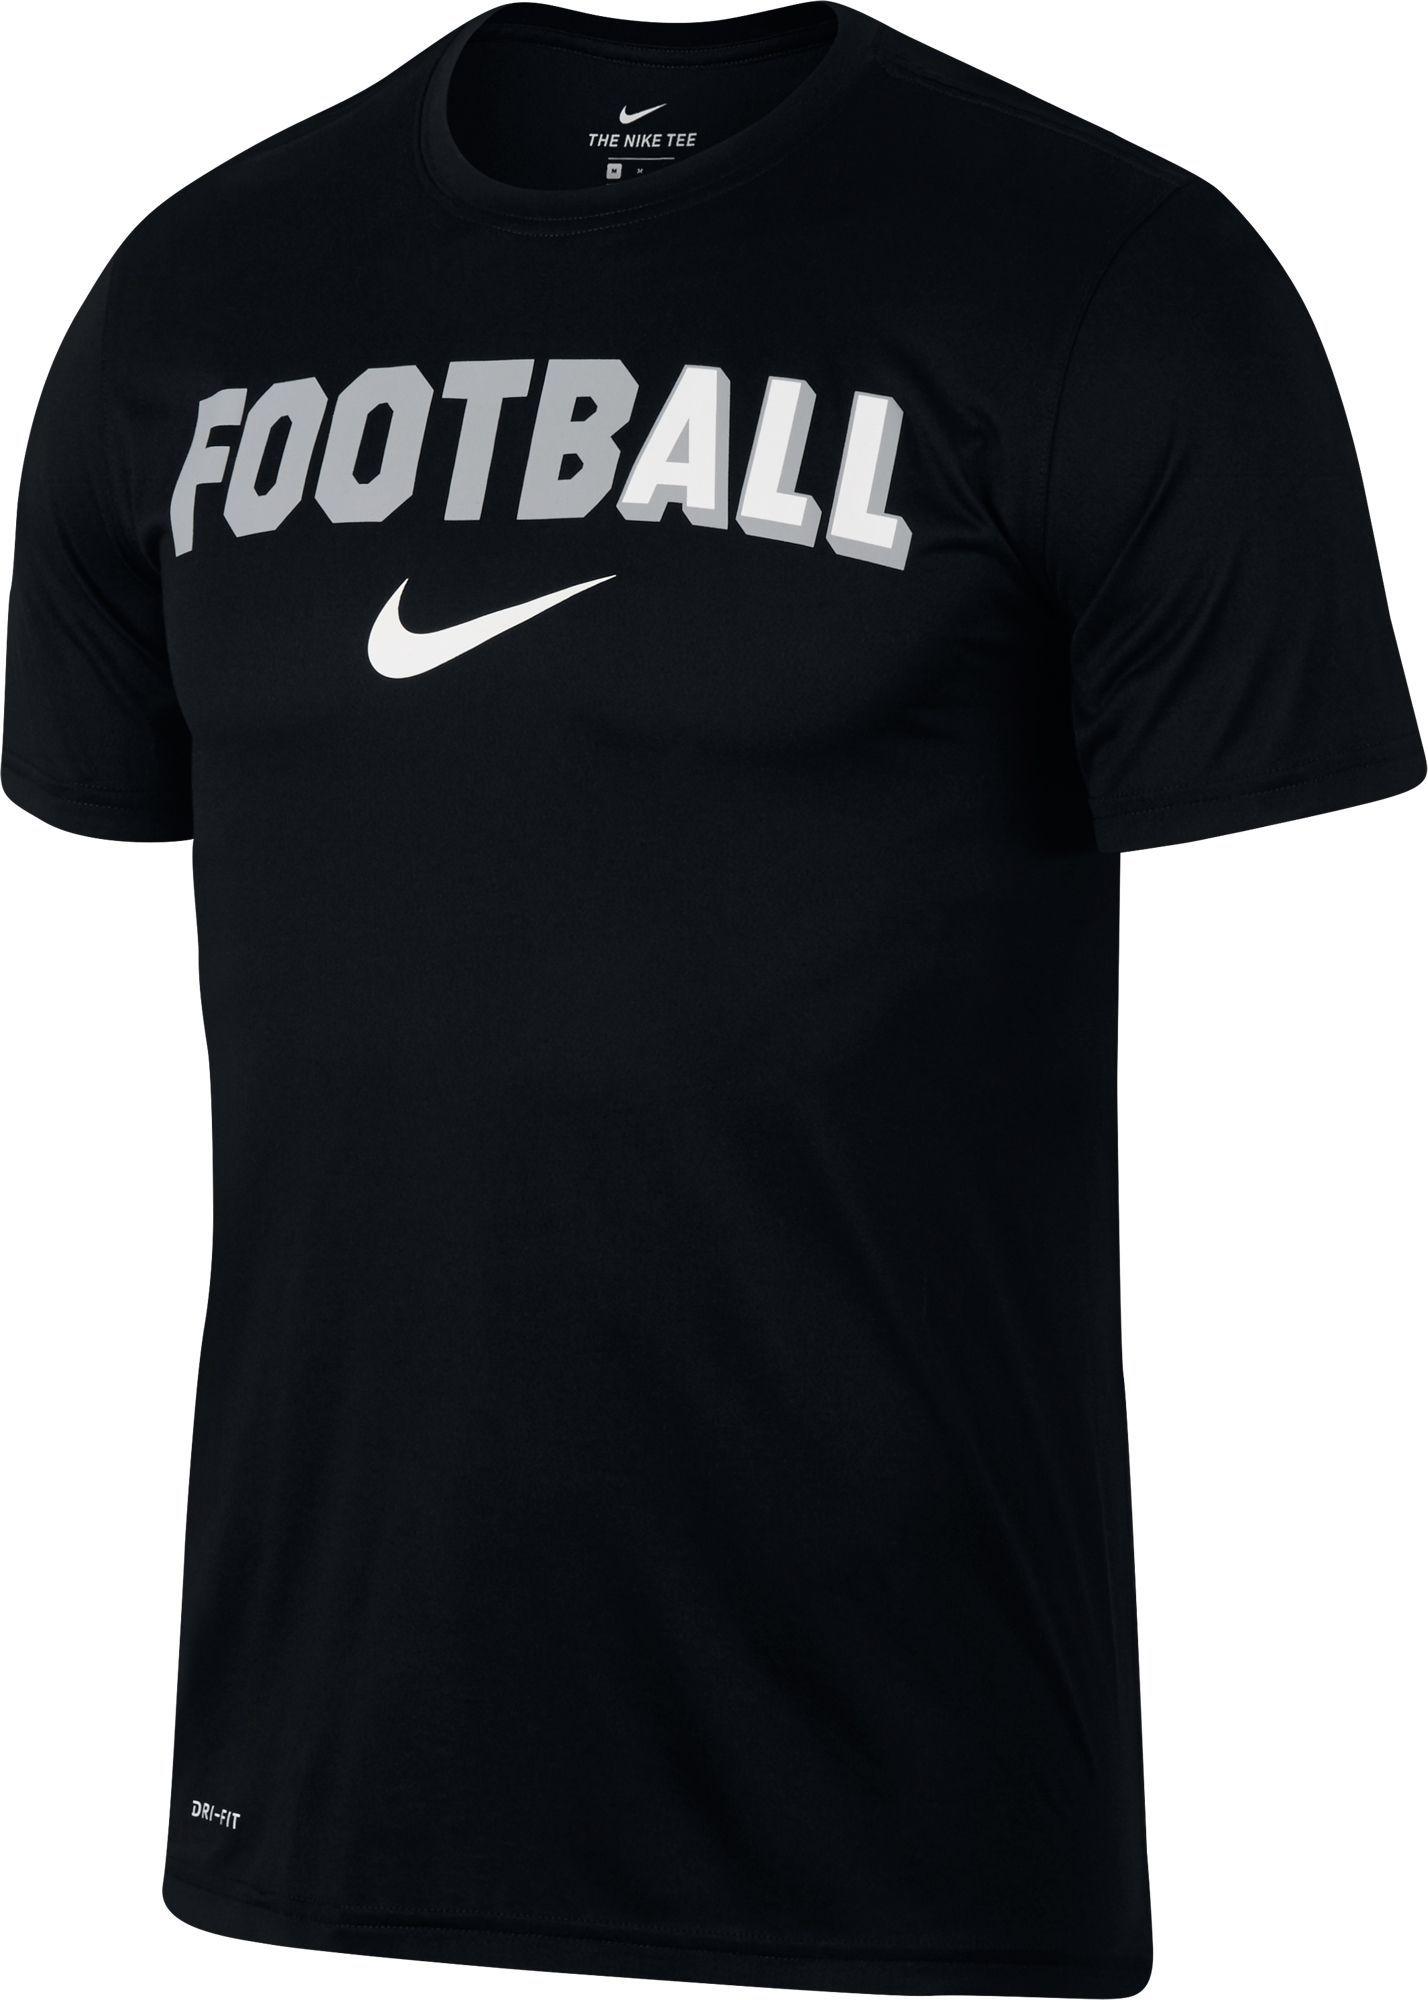 abd1d7610d24 Nike Men s All Football Legend Short Sleeve T-shirt (Dark Grey ...